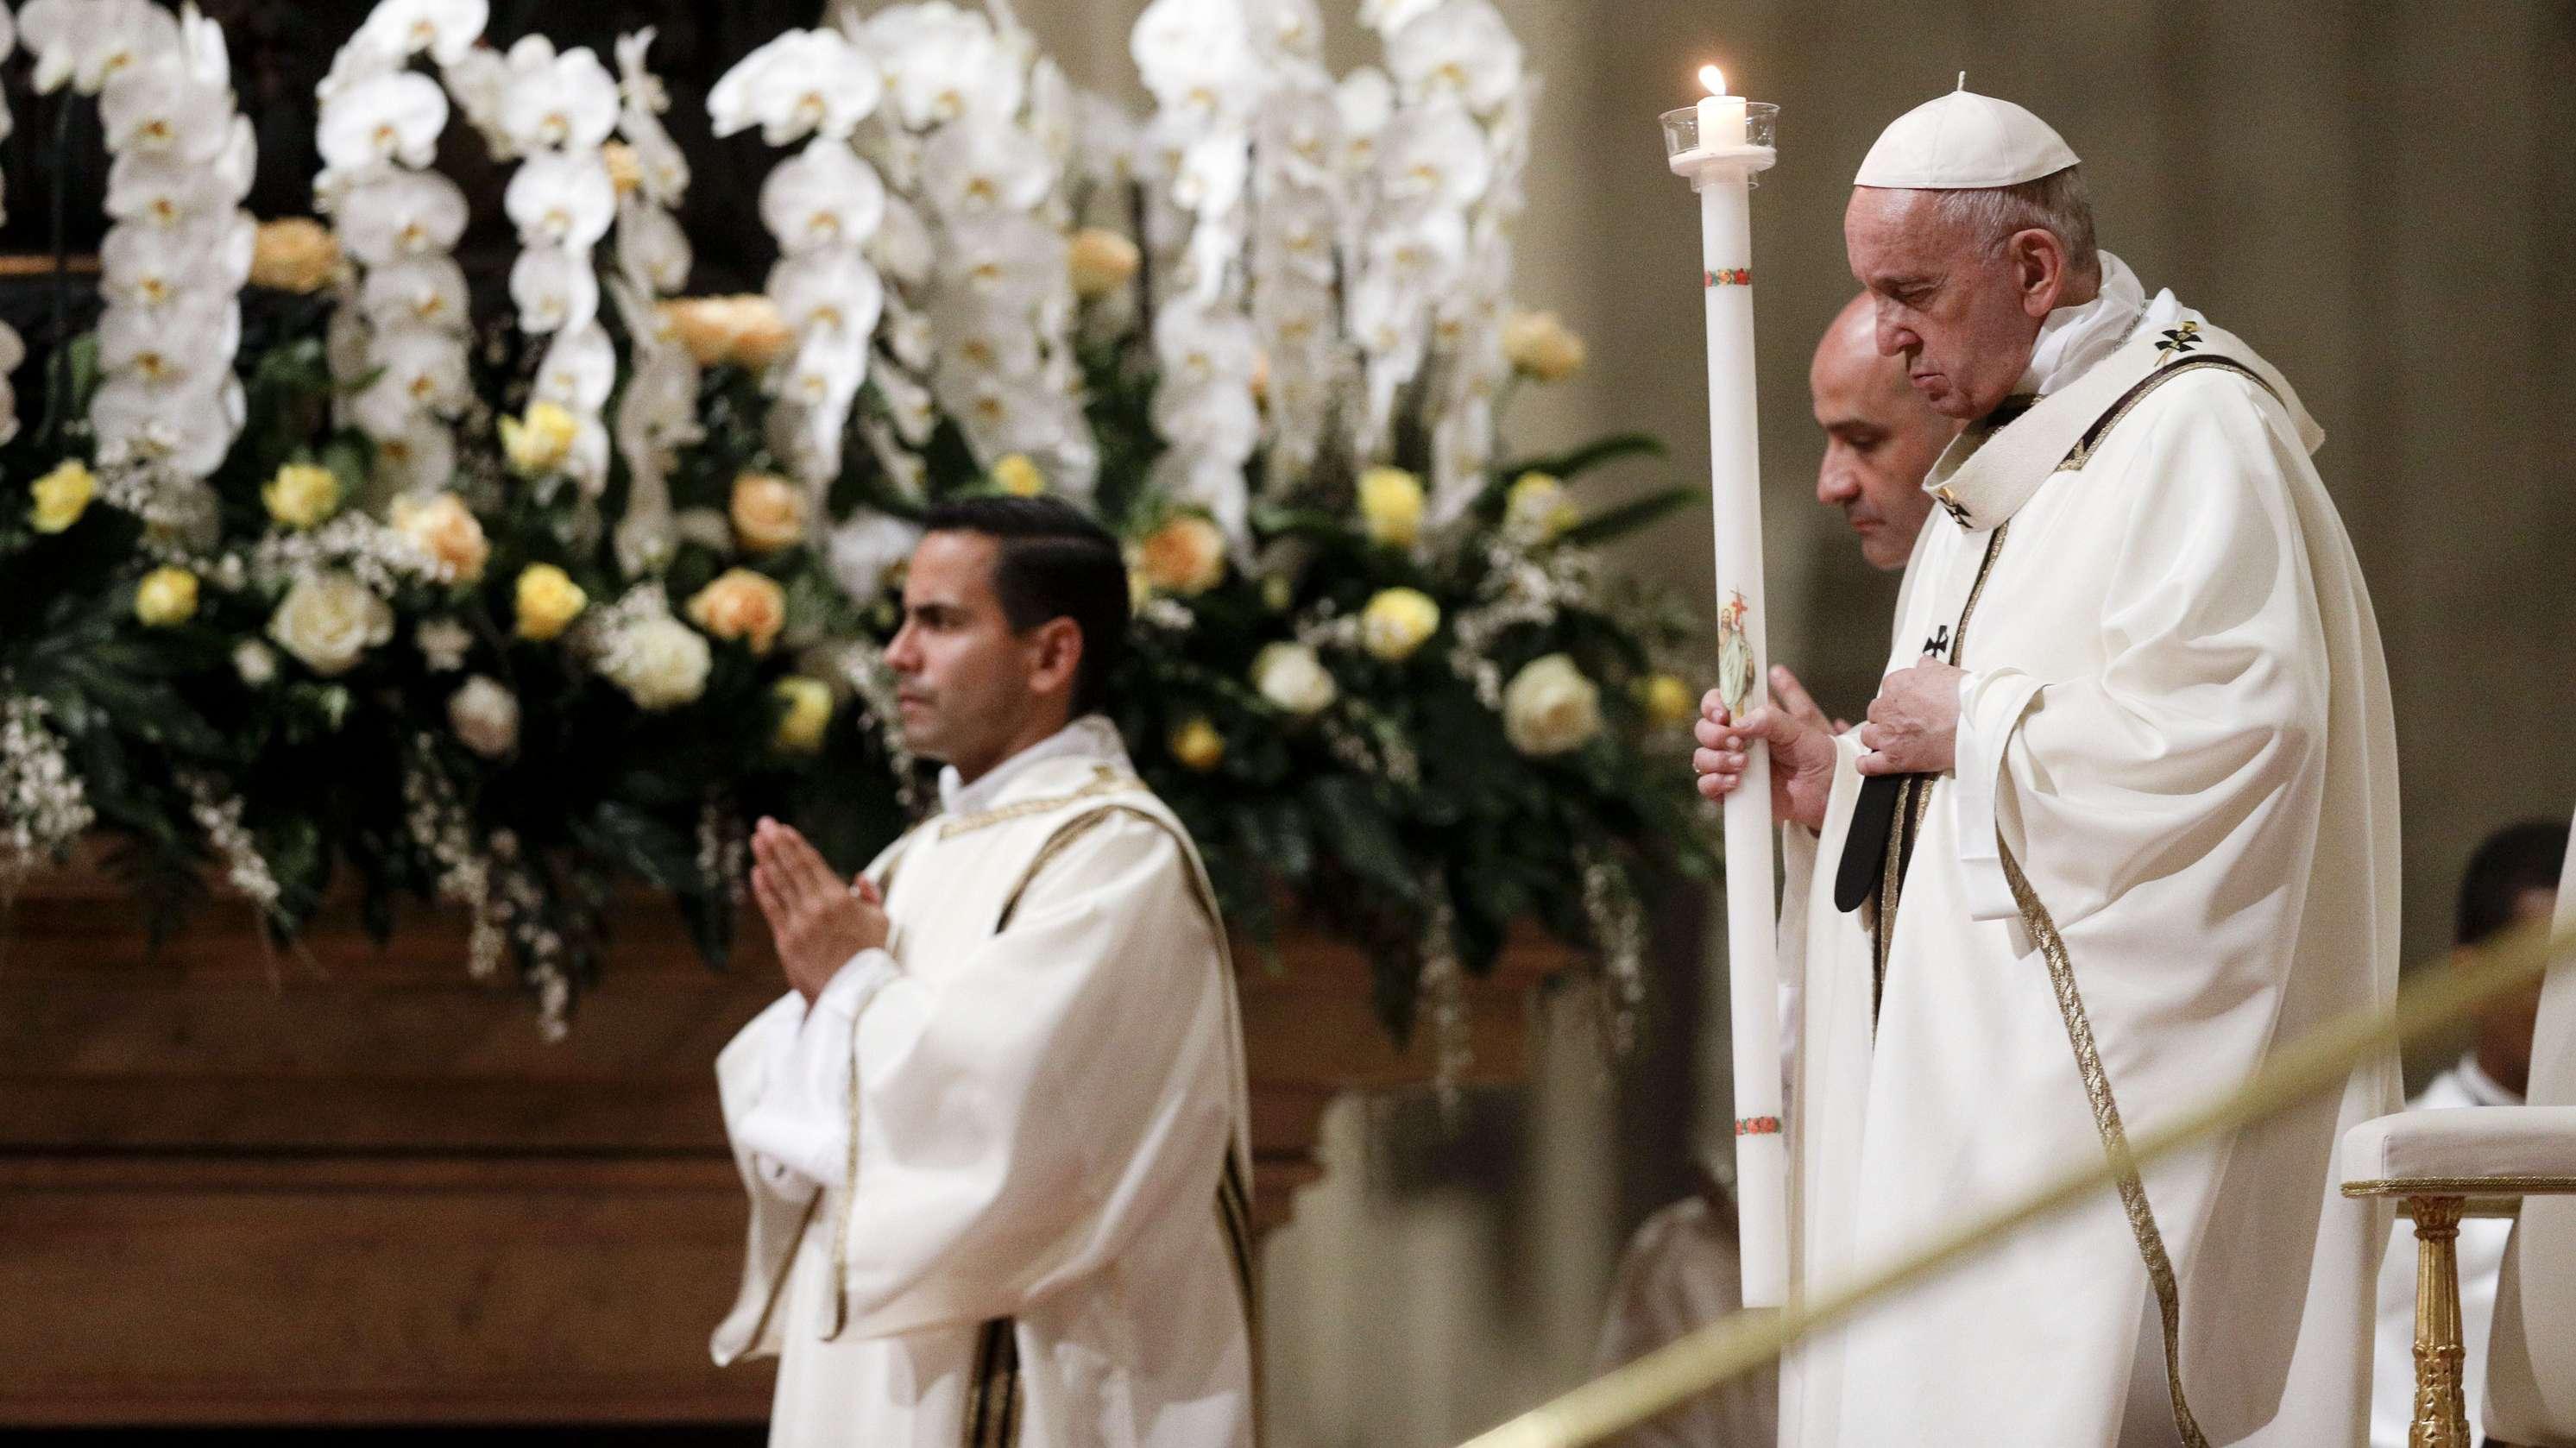 Papst Franziskus (r) hält eine Kerze, während er der feierlichen Osternacht im Petersdom vorsitzt